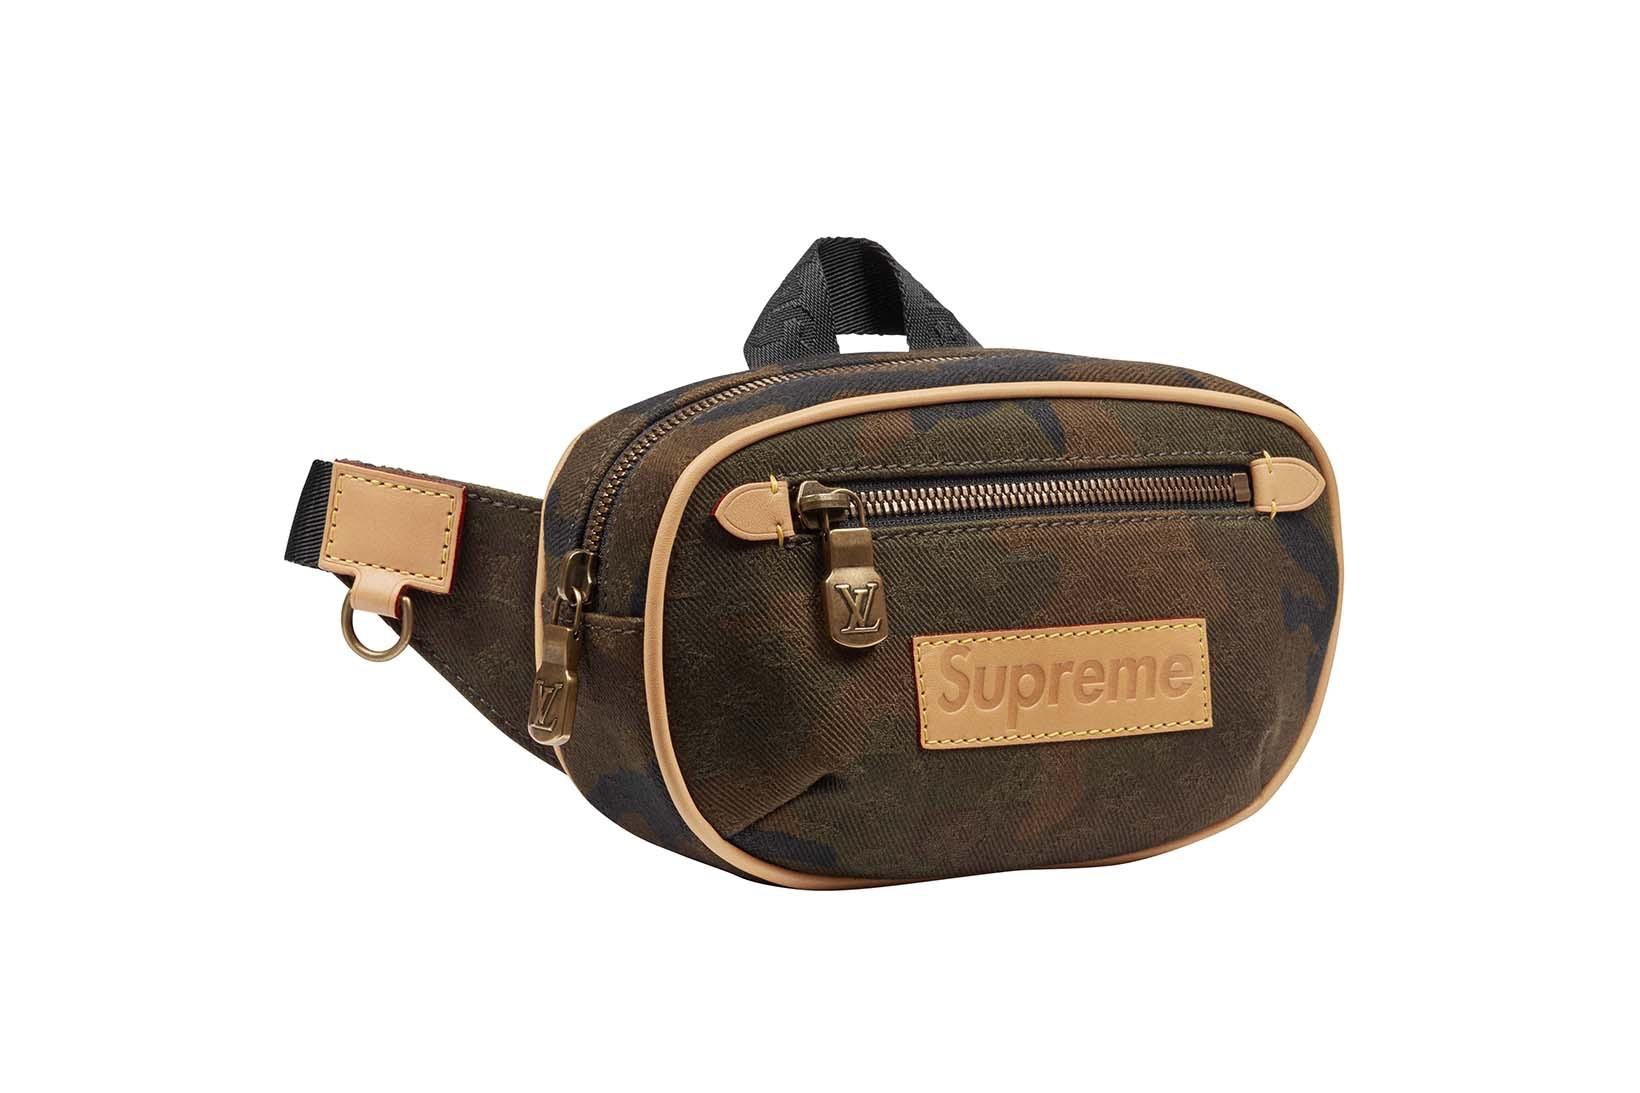 Supreme(シュプリーム)×Louis Vuitton(ルイ・ヴィトン) / ボディバック PM(Bumbag PM)